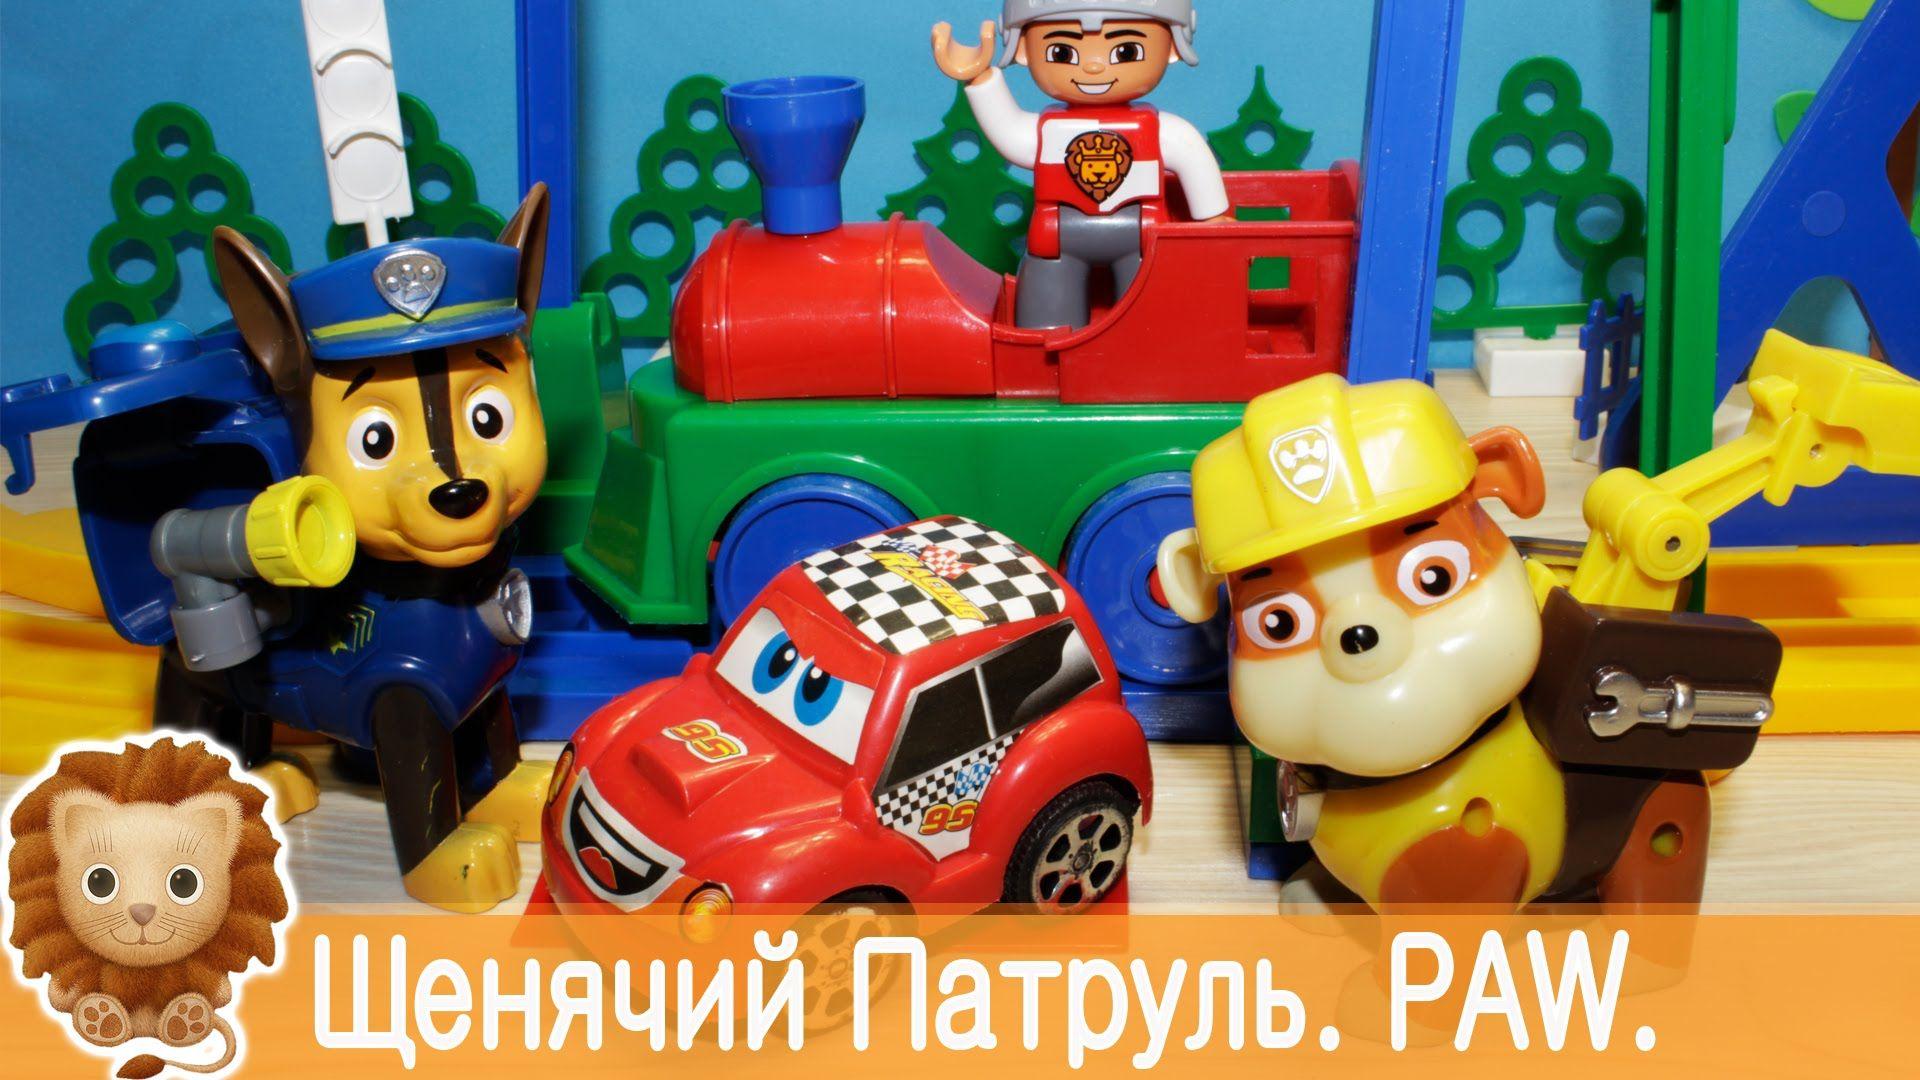 Щенячий патруль мультфильмы про игрушки